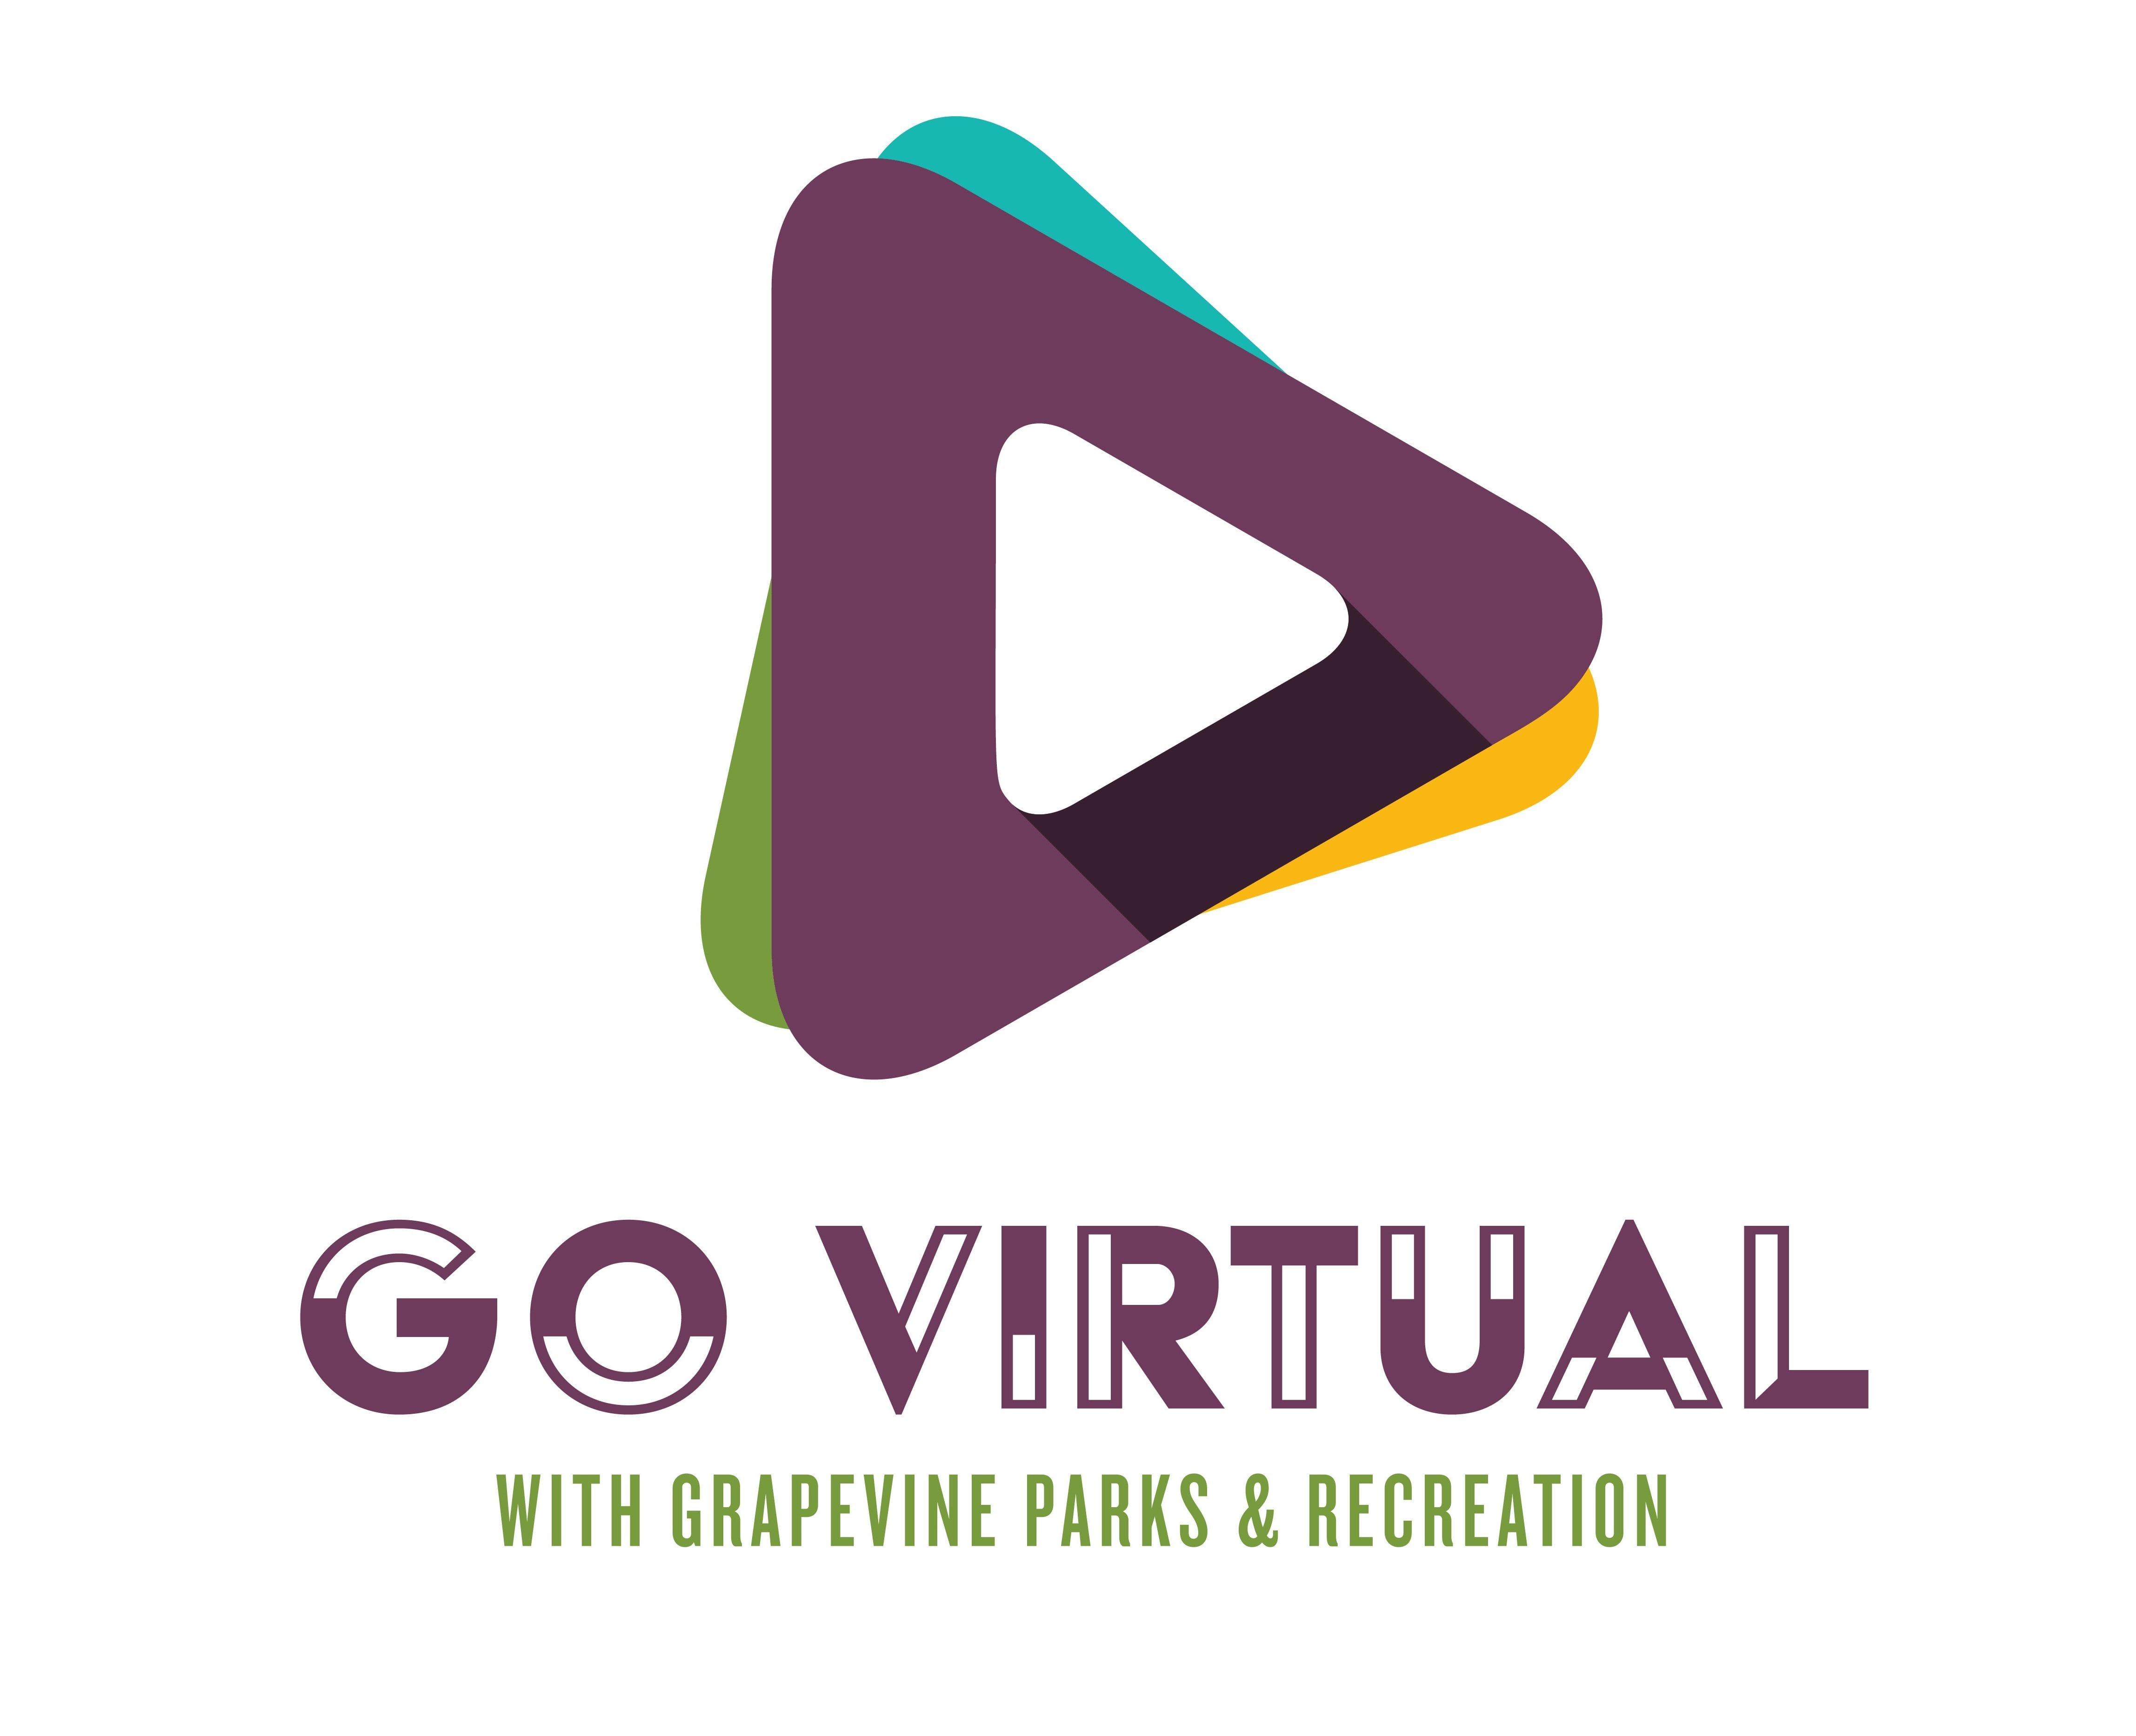 Go Virtual